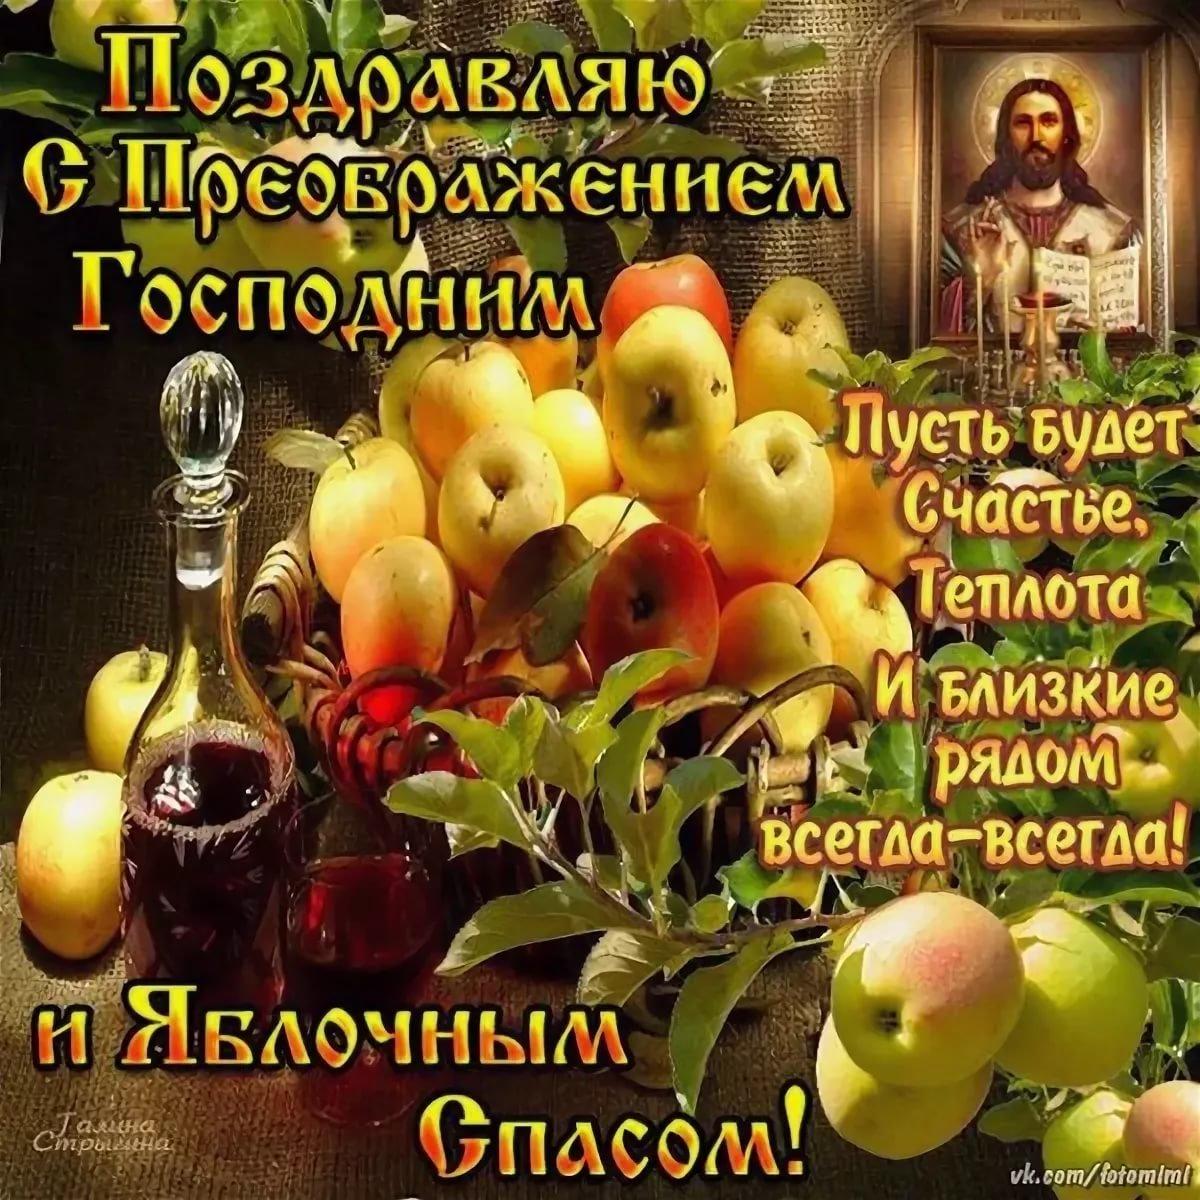 Надписью, открытка с преображением господним и яблочным спасом икона